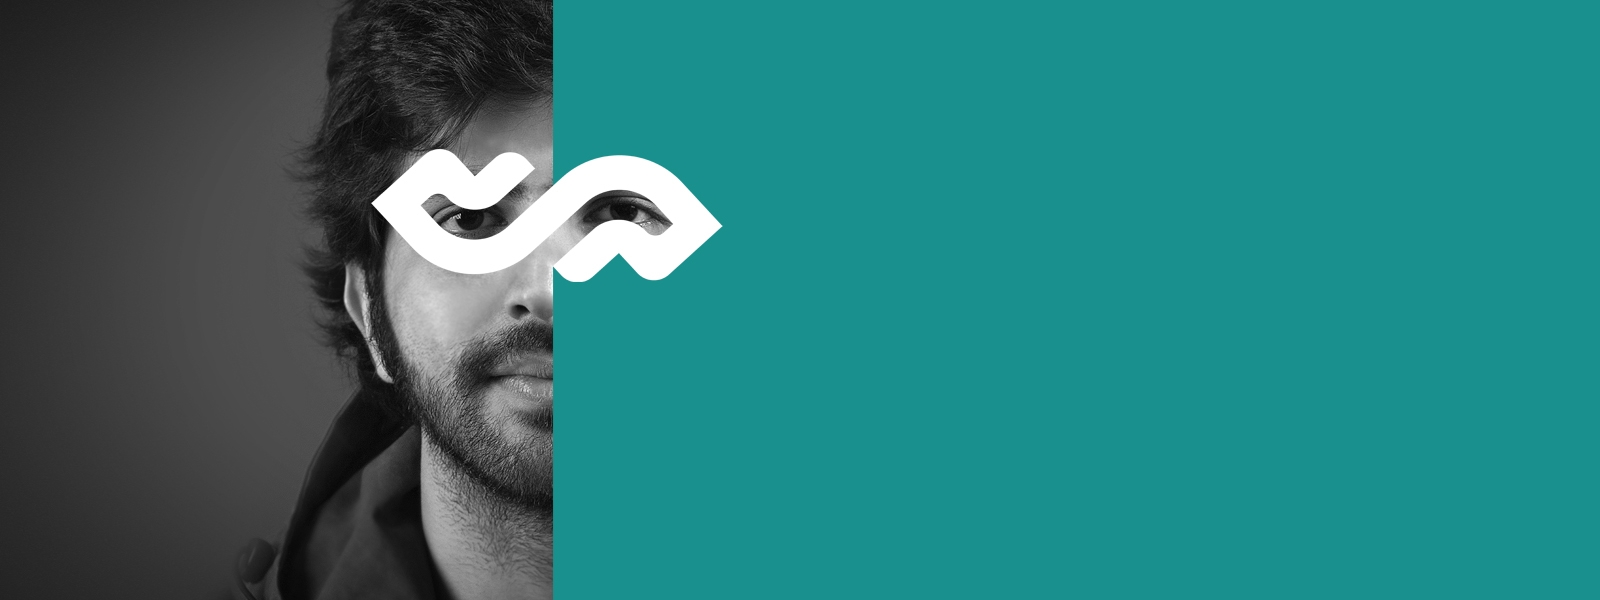 لایه هفتم اسلایدر سی و پنجمین جشنواره تئاتر فجر ، عکاسی ، هویت بصری ، شرکت تبلیغاتی الف ، طراحی لوگو ، طراحی لوگوتایپ ، طراحی هویت بصری ، هویت بصری سی و پنجمین جشنواره بین المللی تئاتر فجر